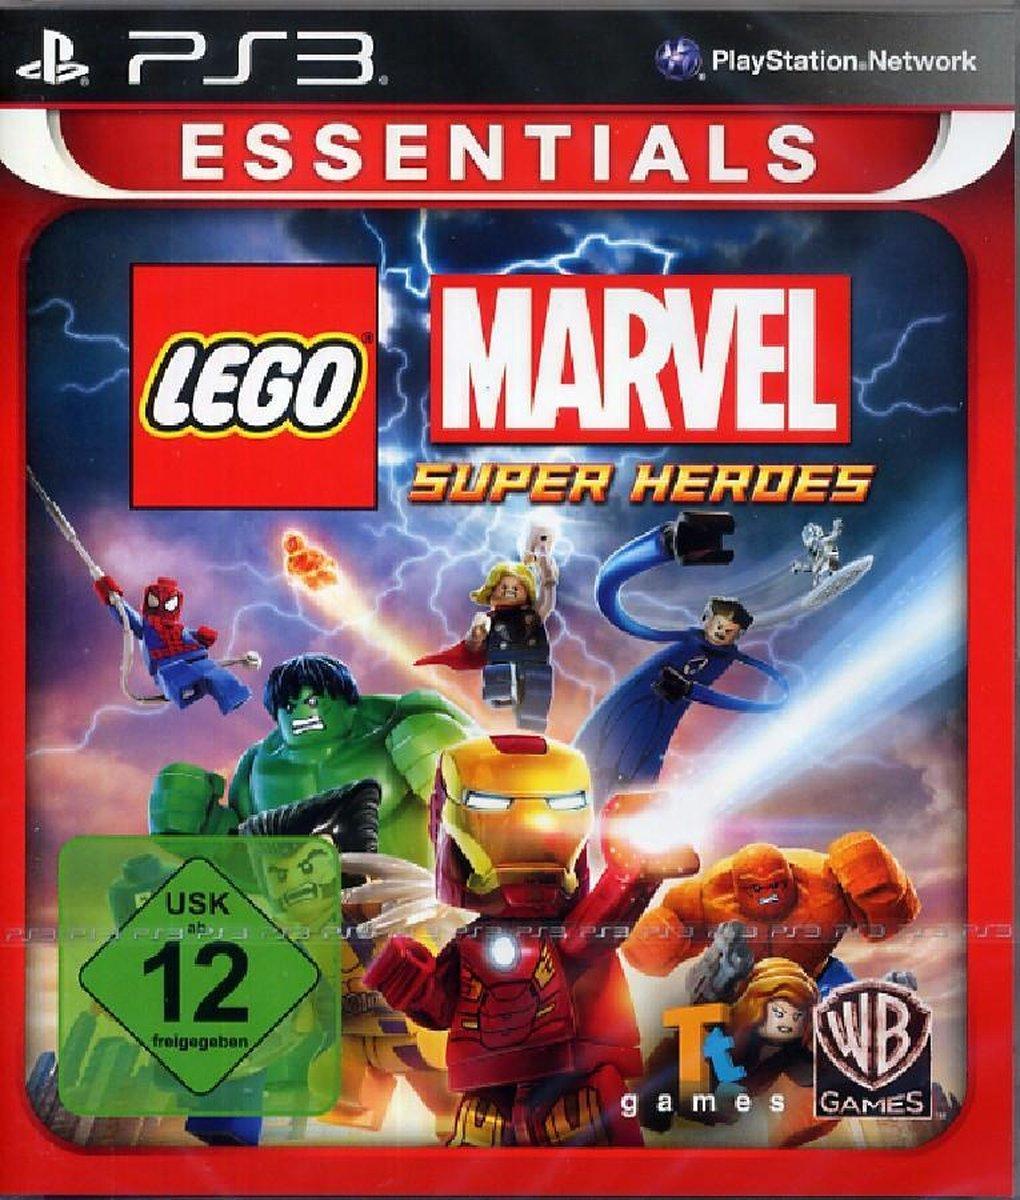 LEGO Marvel Super Heroes PS3 - Warner Bros. Games